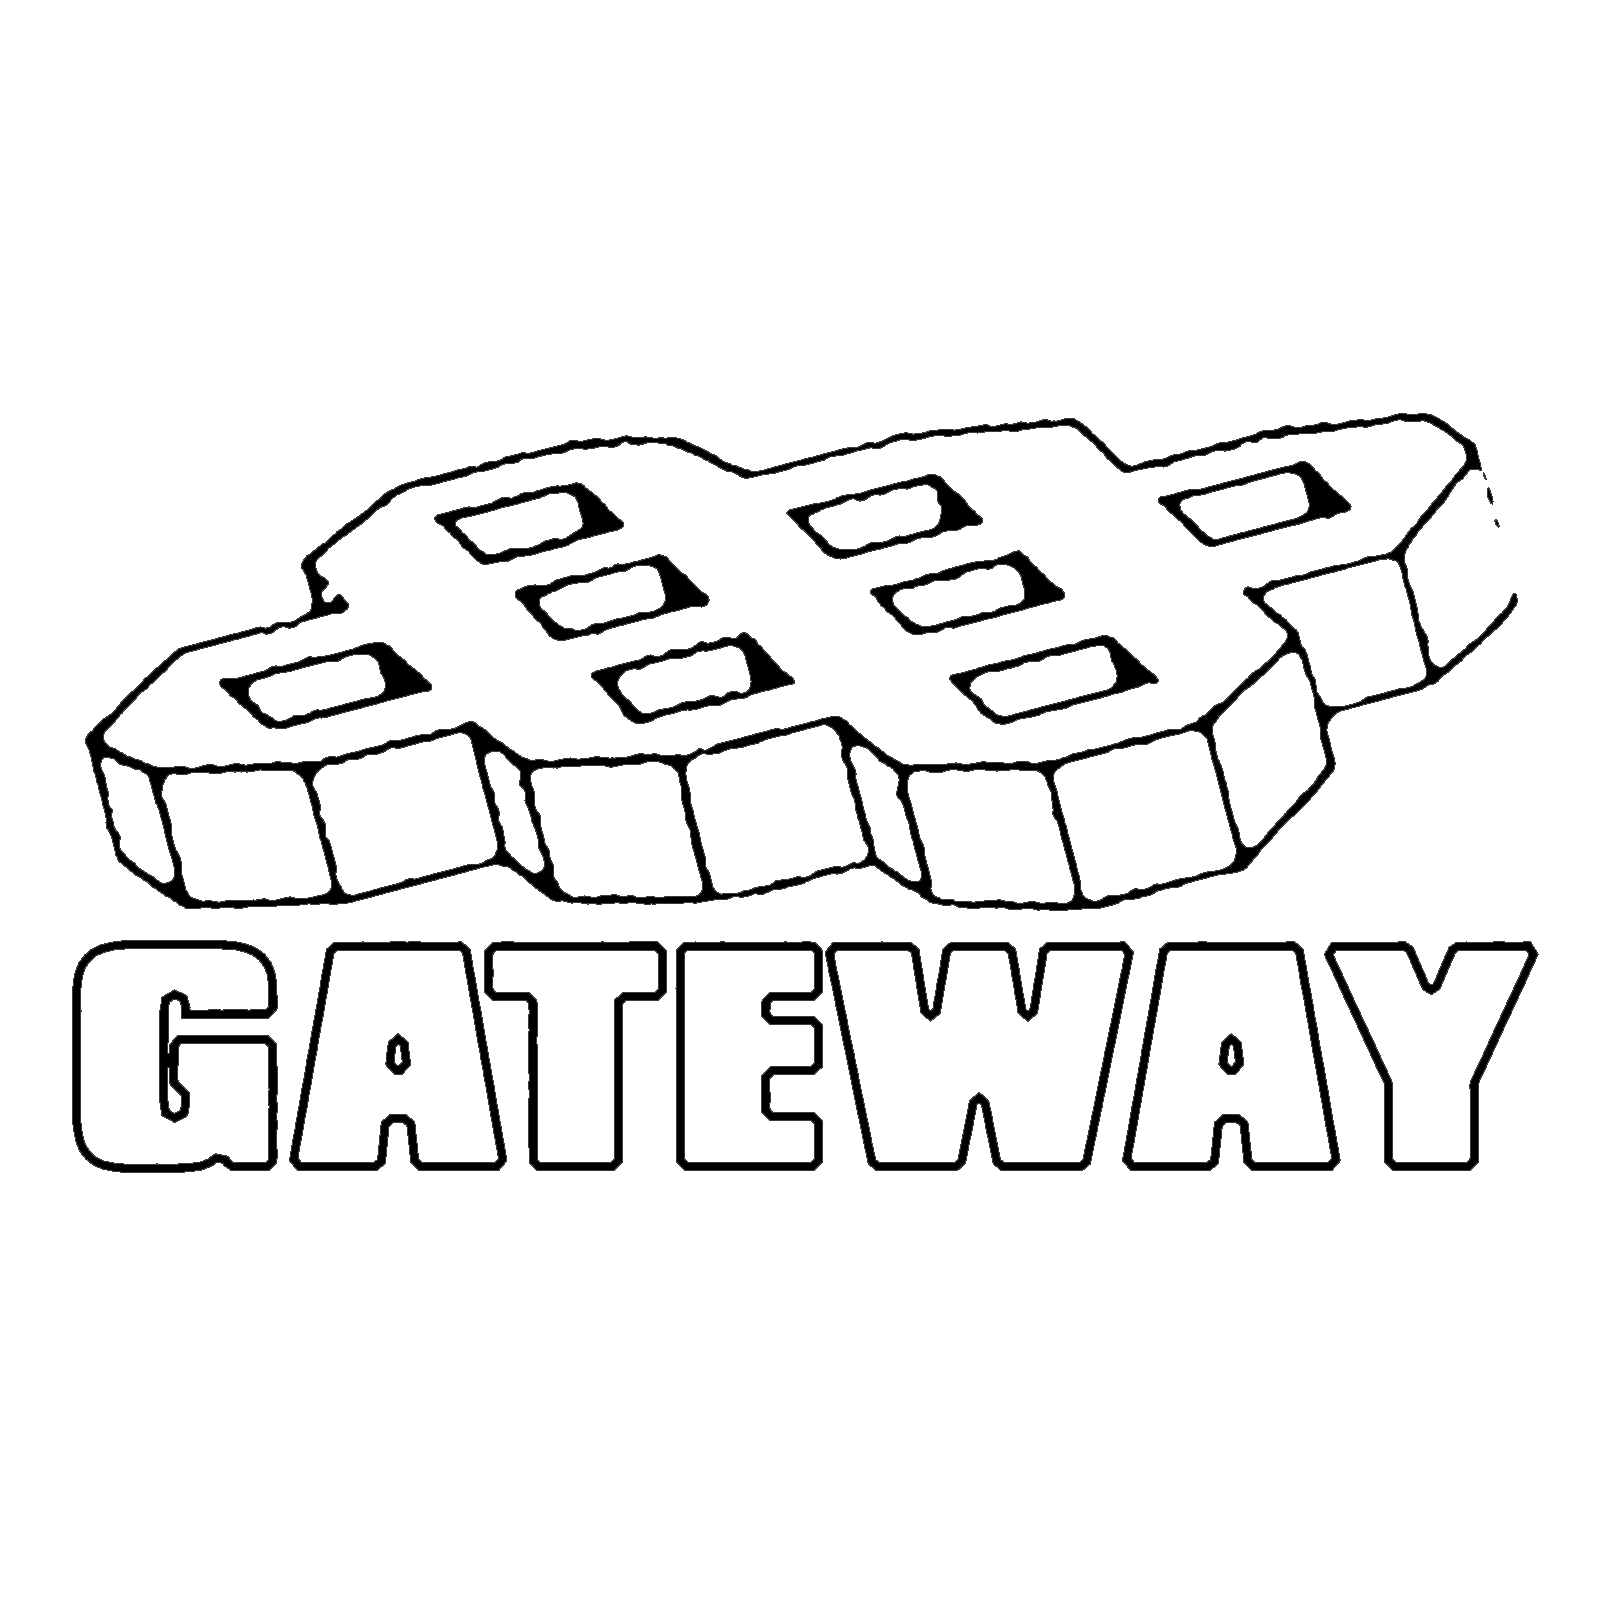 gateway-b-trans.png